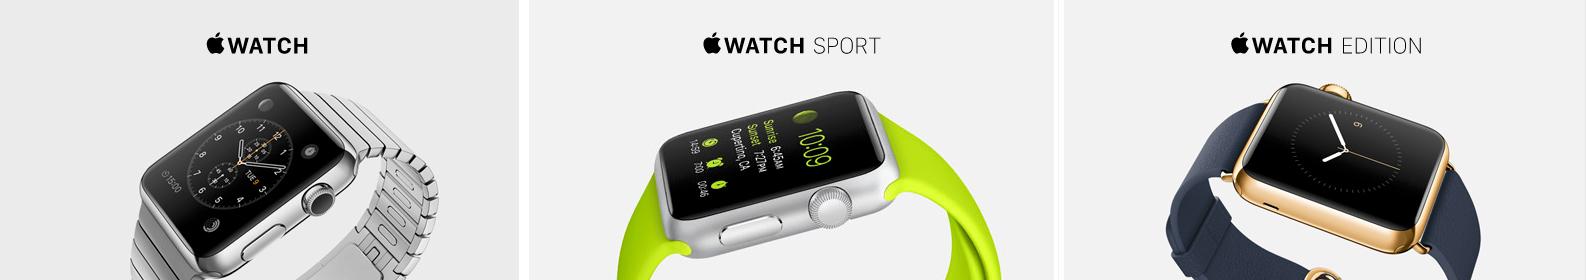 Apple Watch kommer i tre ulike modeller. Foto: Apple